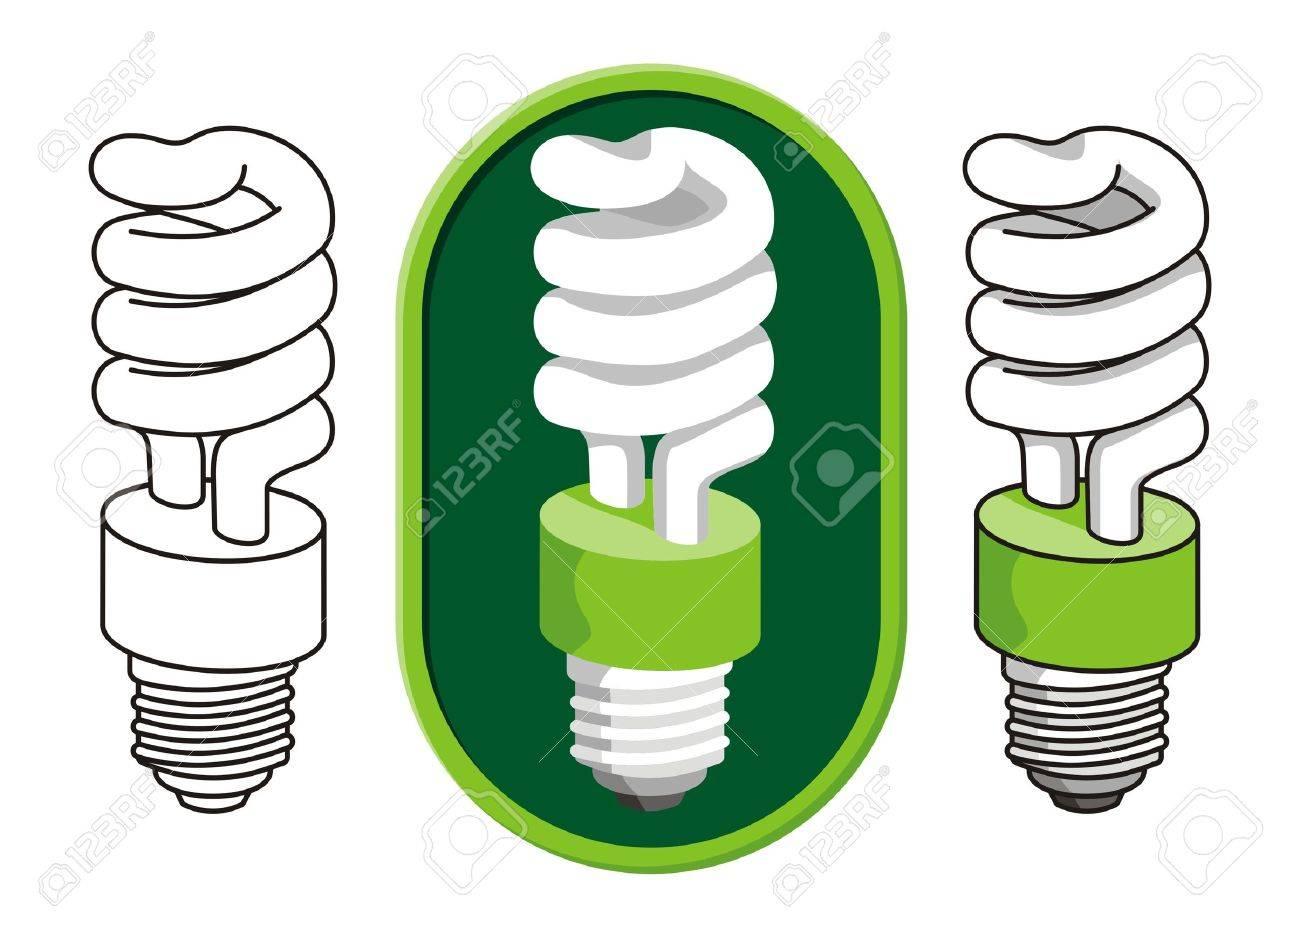 Spiral compact fluorescent light bulb - 3021778